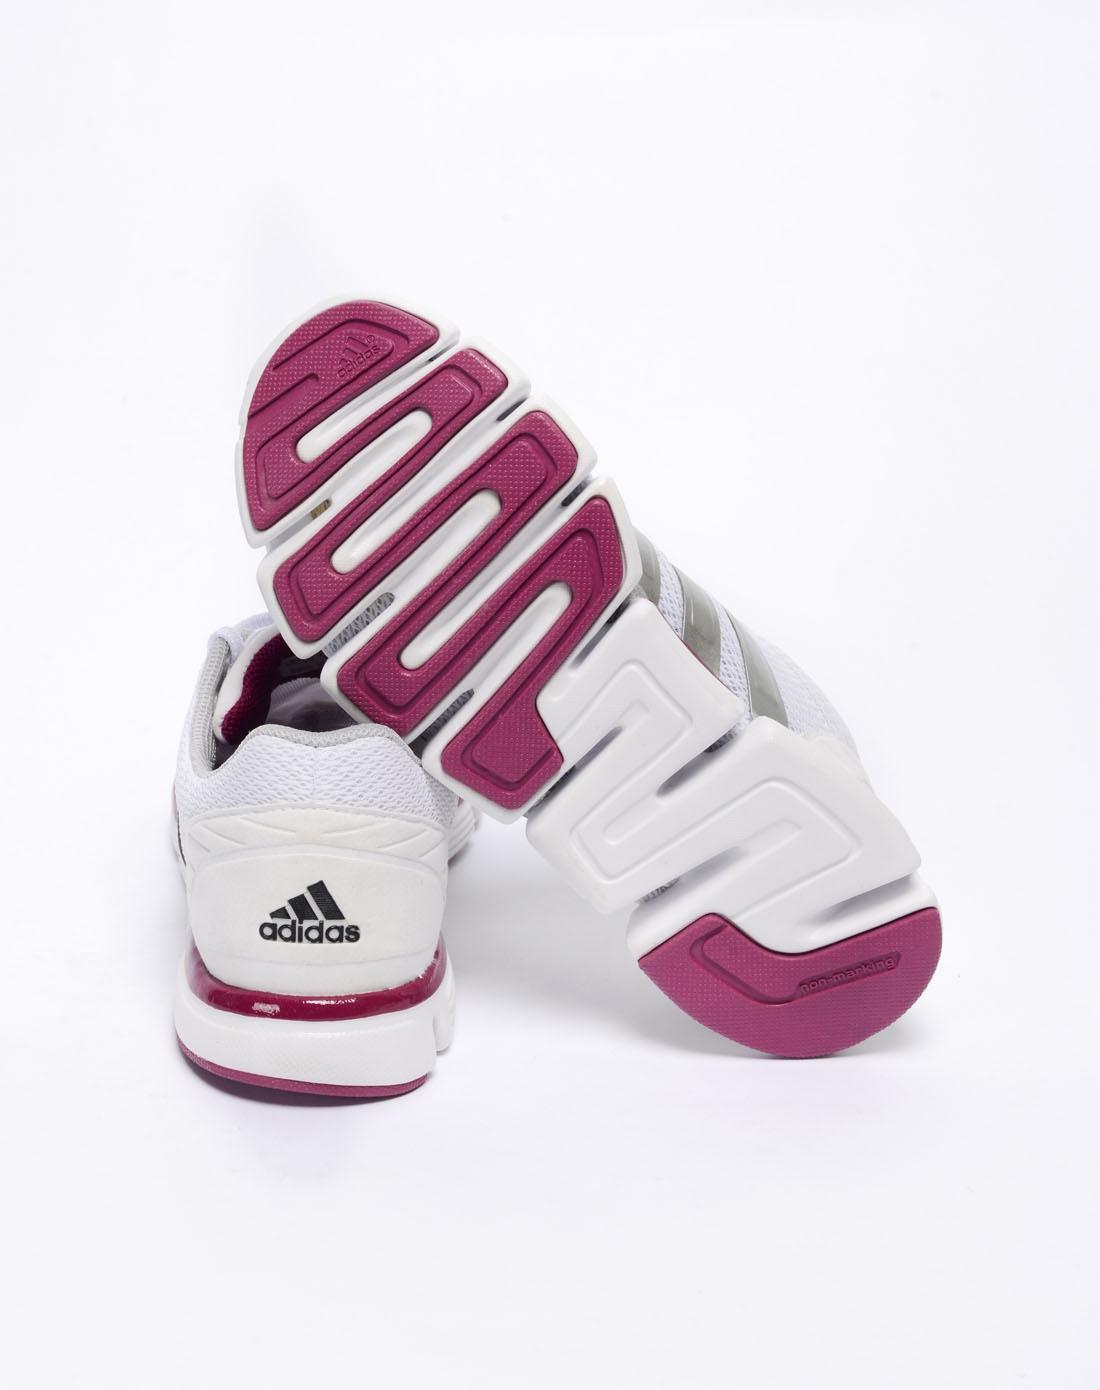 阿迪达斯adidas女鞋专场-女子白色跑步鞋